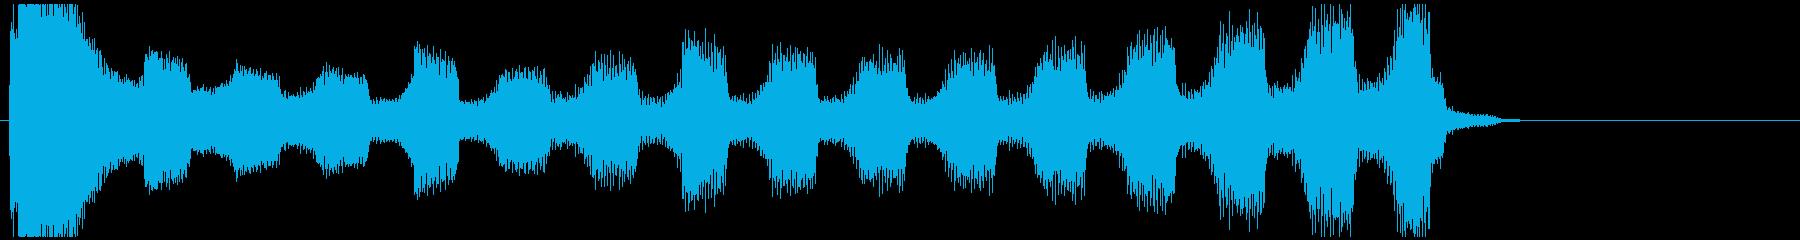 【企業ジングル】深刻/ピアノ&エレクトロの再生済みの波形